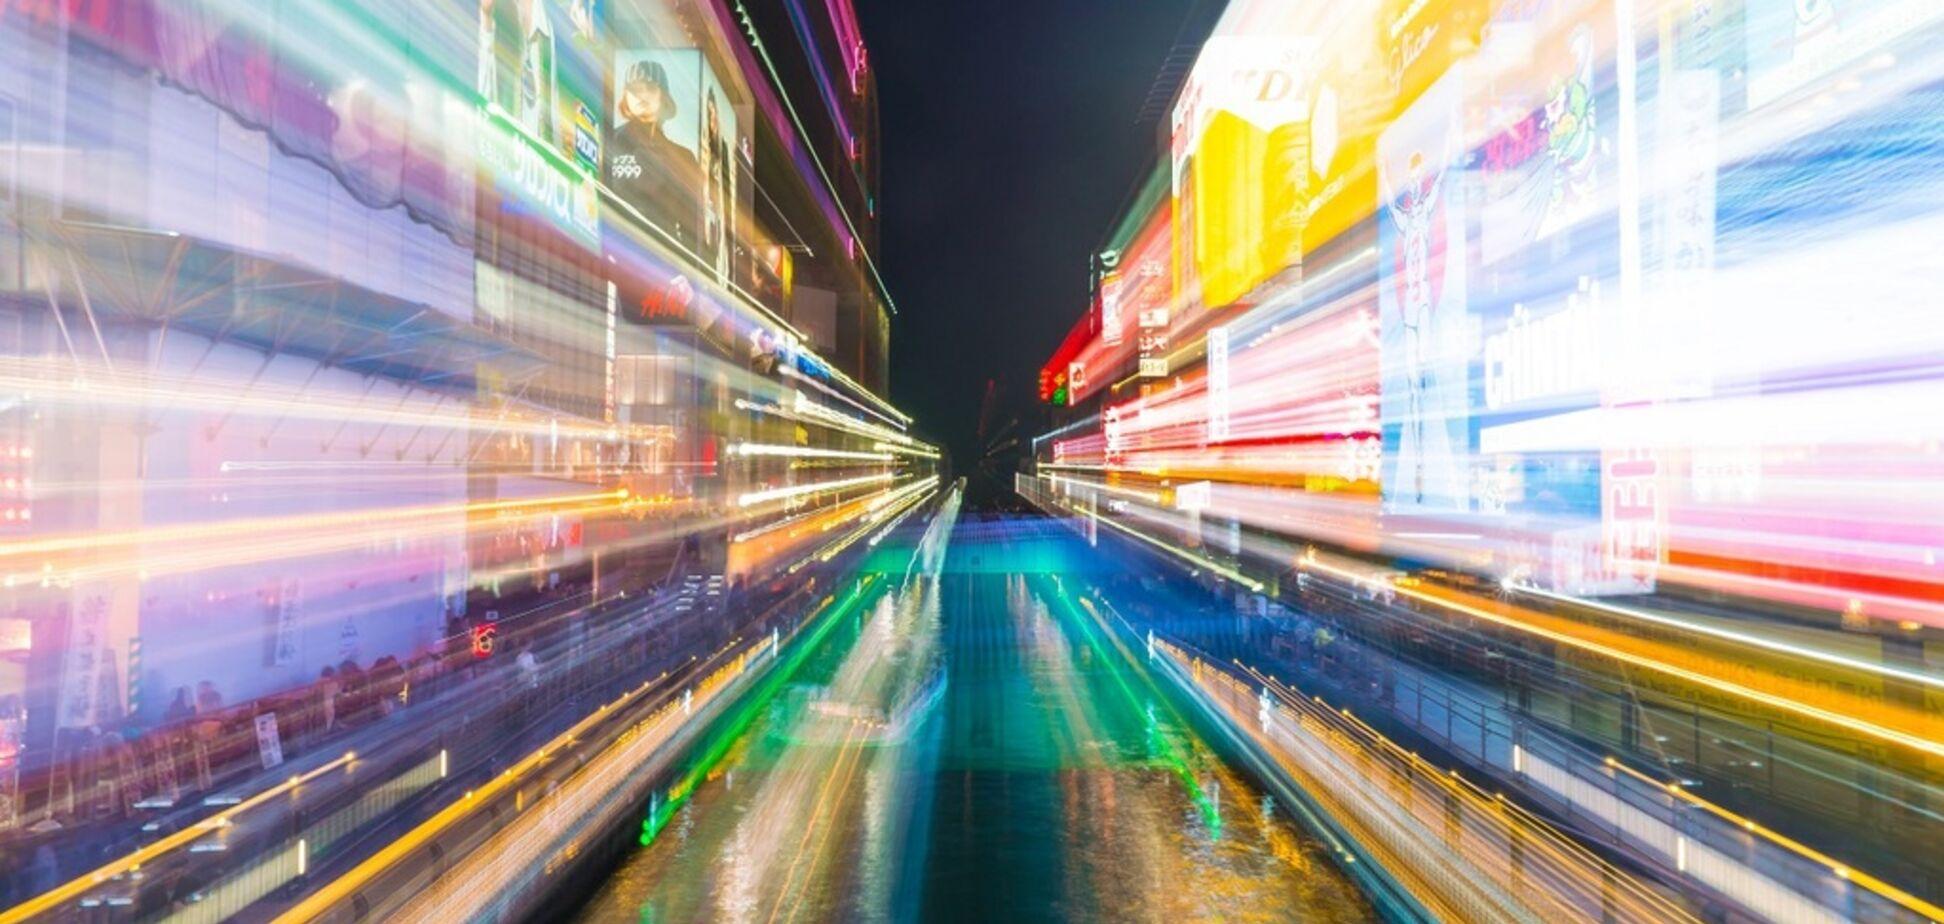 Всупереч очікуванням: названо найпопулярніший транспорт майбутнього